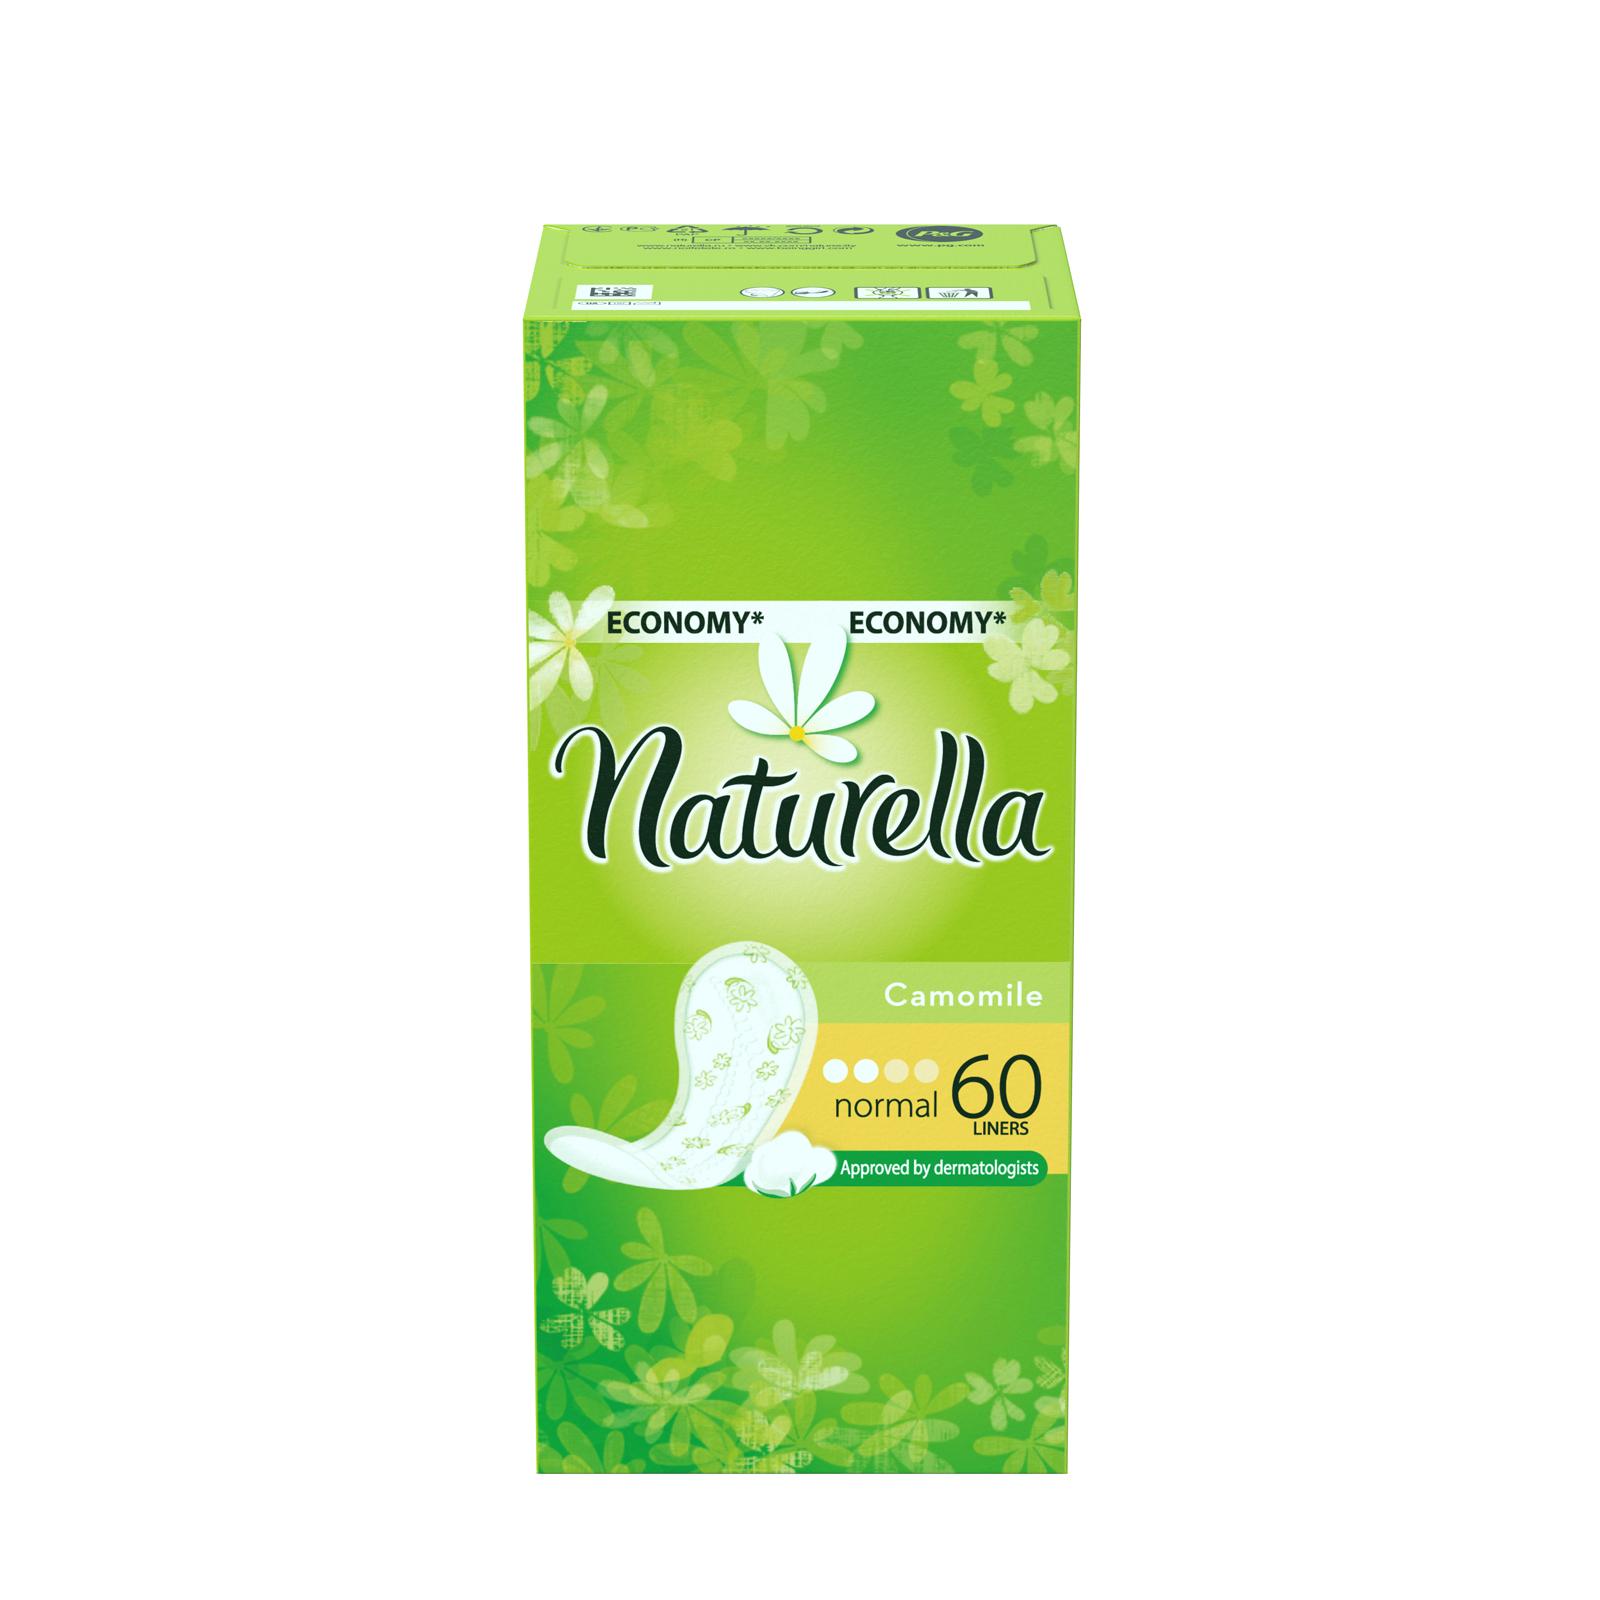 Naturella Женские гигиенические прокладки на каждый день Camomile Normal Trio 60шт28032022Сохрани свежесть в течение всего дня с ежедневными прокладками Naturella Normal. Эти воздухопроницаемые ежедневные прокладки толщиной 0,9 мм с мягким, как лепесток, верхним слоем и легким ароматом, вдохновленным самой природой, обеспечивают свежесть и комфорт каждый день.Одобренные дерматологическим институтом proDERM ежедневные прокладки Naturella каждый день обеспечивают заботу о женской гигиене, которой можно доверять.Одобренные дерматологическим институтом proDERM ежедневные прокладки Naturella каждый день обеспечивают заботу о женской гигиене, которой можно доверять.Ежедневные прокладки Naturella отлично защищают нижнее белье при выделениях из влагалища, нерегулярном цикле и выделениях перед менструацией. Во время менструации обязательно воспользуйтесь прокладками Naturella для усиленной защиты. Супермягкий верхний слой обеспечивает дополнительный комфорт в интимной зонеВоздухопроницаемые и тонкие как лепесток (0,9 мм)Дышащий верхний слой и легкий аромат ромашки для ежедневной свежестиОдобрено дерматологами всемирно известного немецкого института proDERM и гарантируют женщинам надежную защиту, которой можно доверять